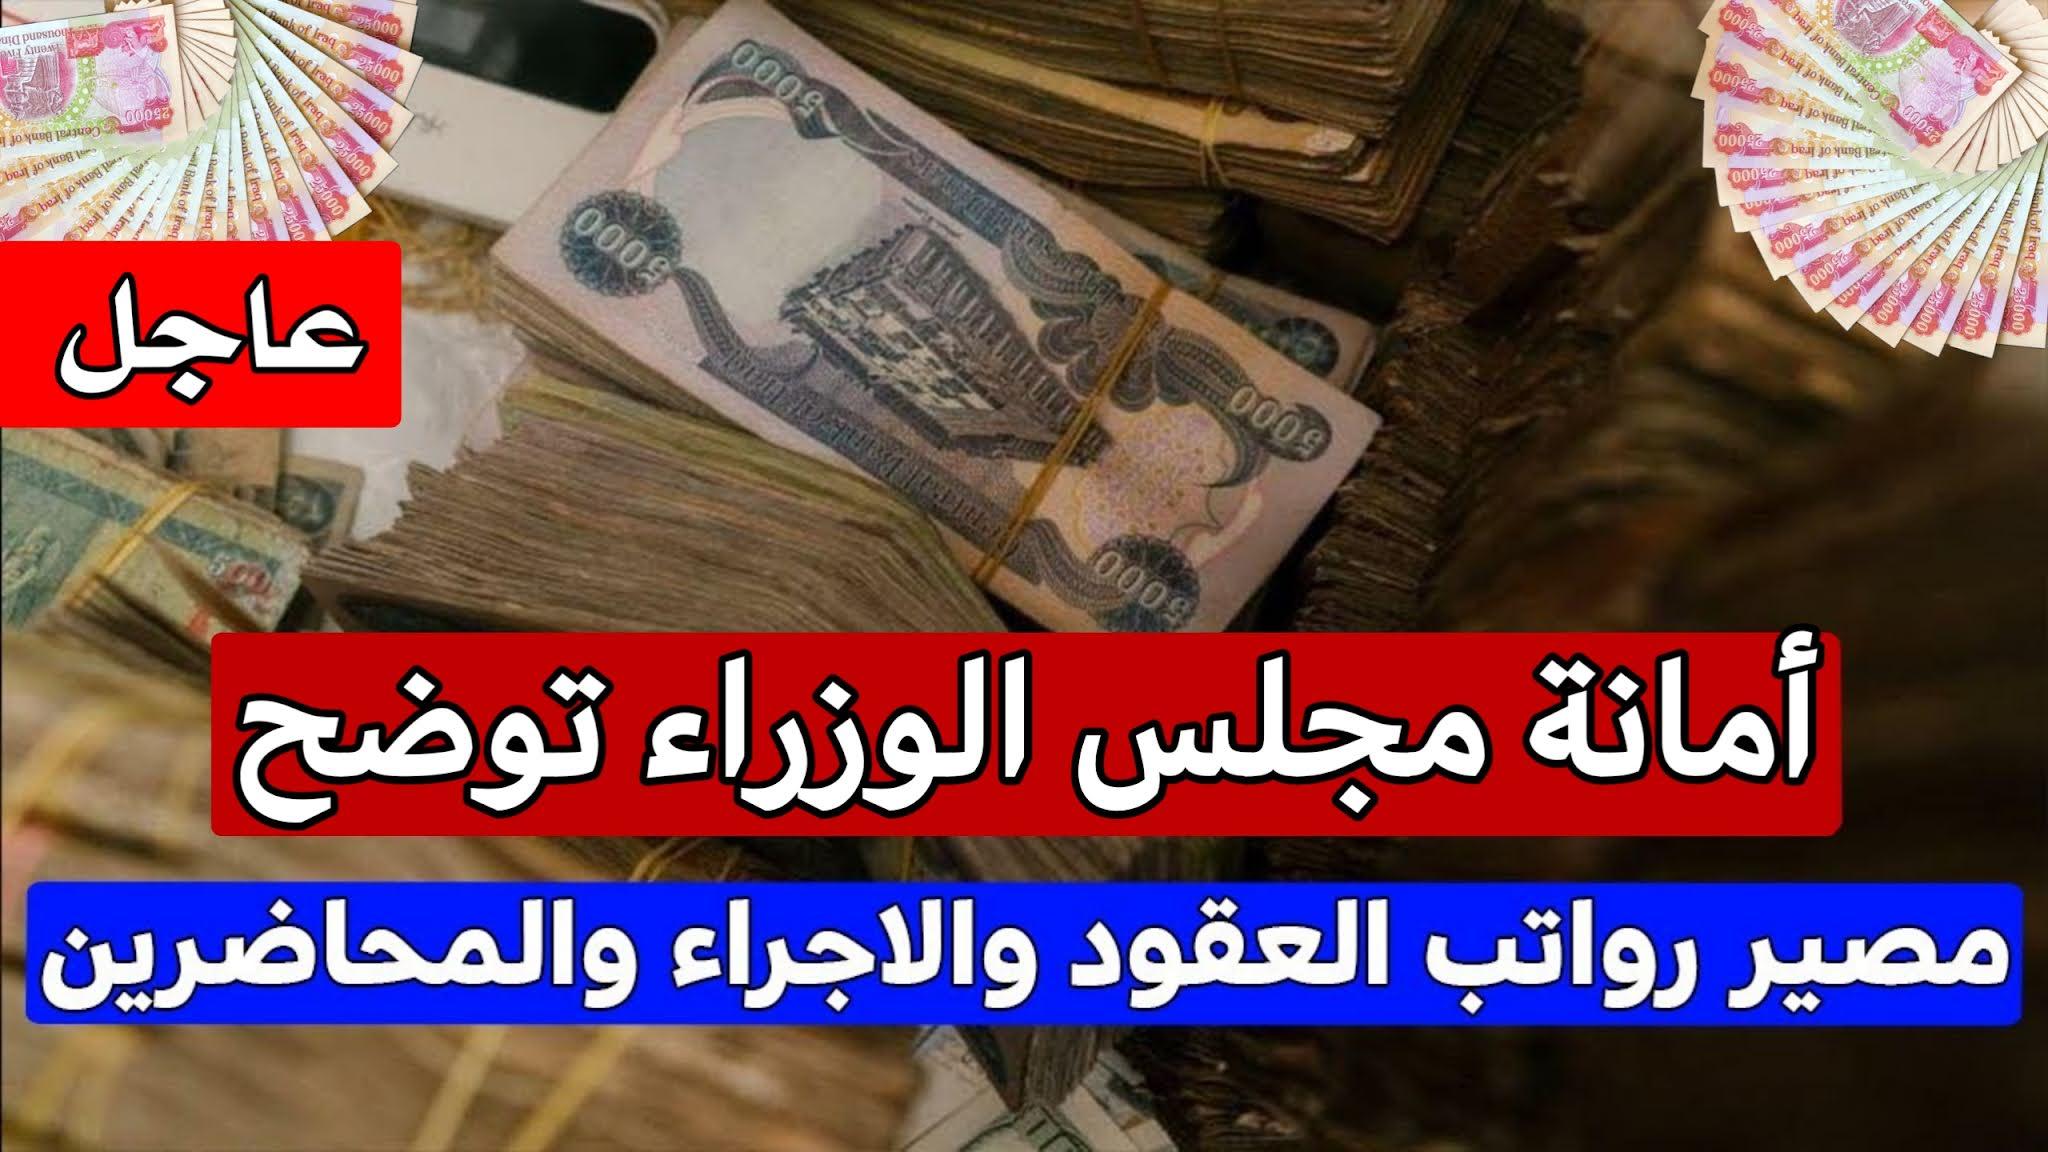 الأمانة العامة لمجلس الوزراء تصدر توضيحاً بشأن رواتب المحاضرين المجانيين اِتّخذ مجلس الوزراء، جميع الإجراءات الخاصة بتكييف الوضع القانوني والمالي للمُحاضرين المجّانيين في بغداد والمحافظات. ويأتي ذلك انطلاقاً من اهتمام الحكومة العراقية بإيصال الحقوق إلى مستحقيها، وبناءً على توافر المعطيات كافة بشأنهم. وجاءت الإجراءات العُليا من خلال إصدار قرارَيْ مجلس الوزراء (130 و 169 لسنة 2021) بتحديد الأجر الشهري الى المحاضرين المجانيين ، ممّن صدرت لهم أوامر إدارية، ومُباشرات سابقة من الذين بدؤوا بتقديم خدماتهم المجانية في 1/5/2020، على وفق الضوابط التي وضعتها وزارة التربية، وتوجيه وزارة المالية بإجراء المناقلات اللازمة ضمن التخصيصات المعتمدة في قانون الموازنة العامة الاتحادية لجمهورية العراق لسنة/ 2021، على أن يُنفّذ اعتباراً من 1/1/2021. وقد باشرت الوزارة ومديريات التربية في المحافظات، بإجراءات التعاقد وصرف المستحقات المالية لمستحقيها من المحاضرين، بعد أن توافرت السيولة المالية. وبشأن ما يرد إلى الأمانة العامة لمجلس الوزراء، من مناشدات كثيرة تخصّ شمول المحاضرين المجانيين بقرار مجلس الوزراء رقم (130)؛ فهي توضّح أنّها غير معنية بالأمر، وبإمكان المحاضرين المجانيين مراجعة وزارة التربية ومديريات التربية في المحافظات، للاستفسار والحصول على المعلومات. الأمانة العامة لمجلس الوزراء 26 آب 2021 لمزيد تابعوآ على قناة التلكرام ضغط هنا ********************* قنوات ومواقع التواصل الاجتماعي الرسمية لموقع وظائف وأخبار العراق تابعنا باي مكان تريد حيث المصداقية والحقيقة في النشر اولا باول وهذه هي المواقع الرسمية اختر ما تريد . . . القناة الرسمية على اليوتيوب أضغط هنا . الموقع الرسمي على الانترنت أضغط هنا . الصفحة الرسمية على موقع الانستكرام أضغط هنا . القناة على التلكرام أضغط هنا . صفحة الفيس بوك الرسمية أضغط هنا . تطبيقنا على السوق بلي أضغط هنا . كروب موقع وظائف وأخبار العراق على التليكرام الرسمي التعليمي أضغط هنا . . -------------------------------- . . موقع وظائف وأخبار العراق . . التعريف بالموقع : هذا الموقع تابع لقناة هل تعلم؟أخبار بشكل رسمي وكل ما ينشر في الموقع يخضع للمراقبة وموقع وظائف وأخبار العراق غير مسؤول عن التعليقات على المواضيع كل شخص مسؤول عن نفسه عند كتابة التعليق بحيث لا يتحمل مو